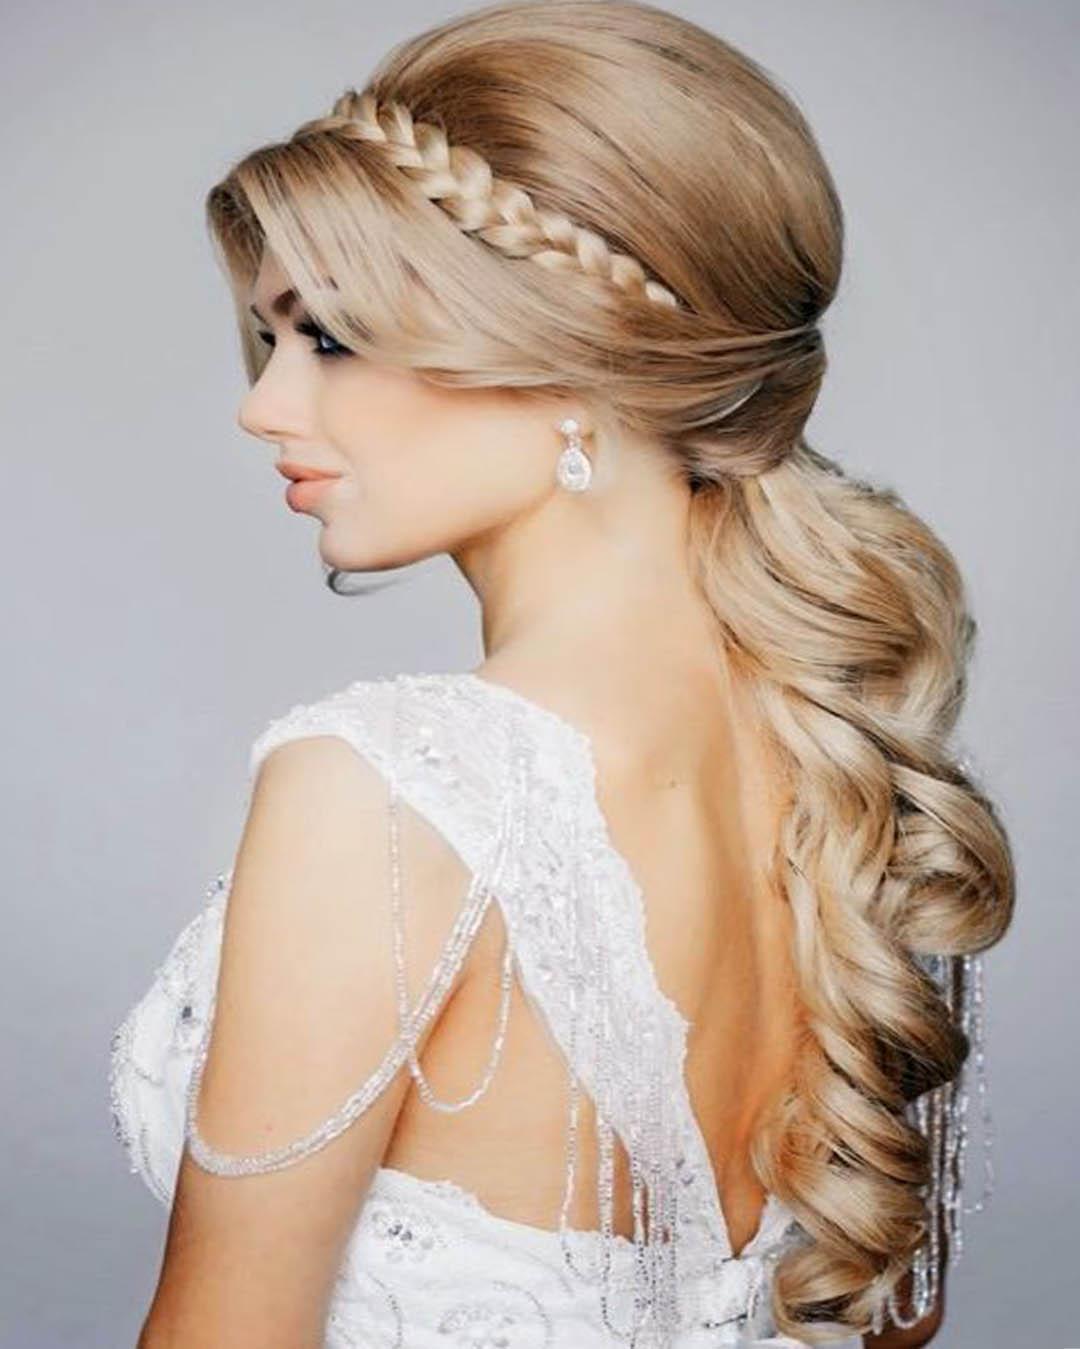 Hermoso peinados elegantes Fotos de tutoriales de color de pelo - Peinados para GRADUACIONES elegantes y refinados - ElSexoso